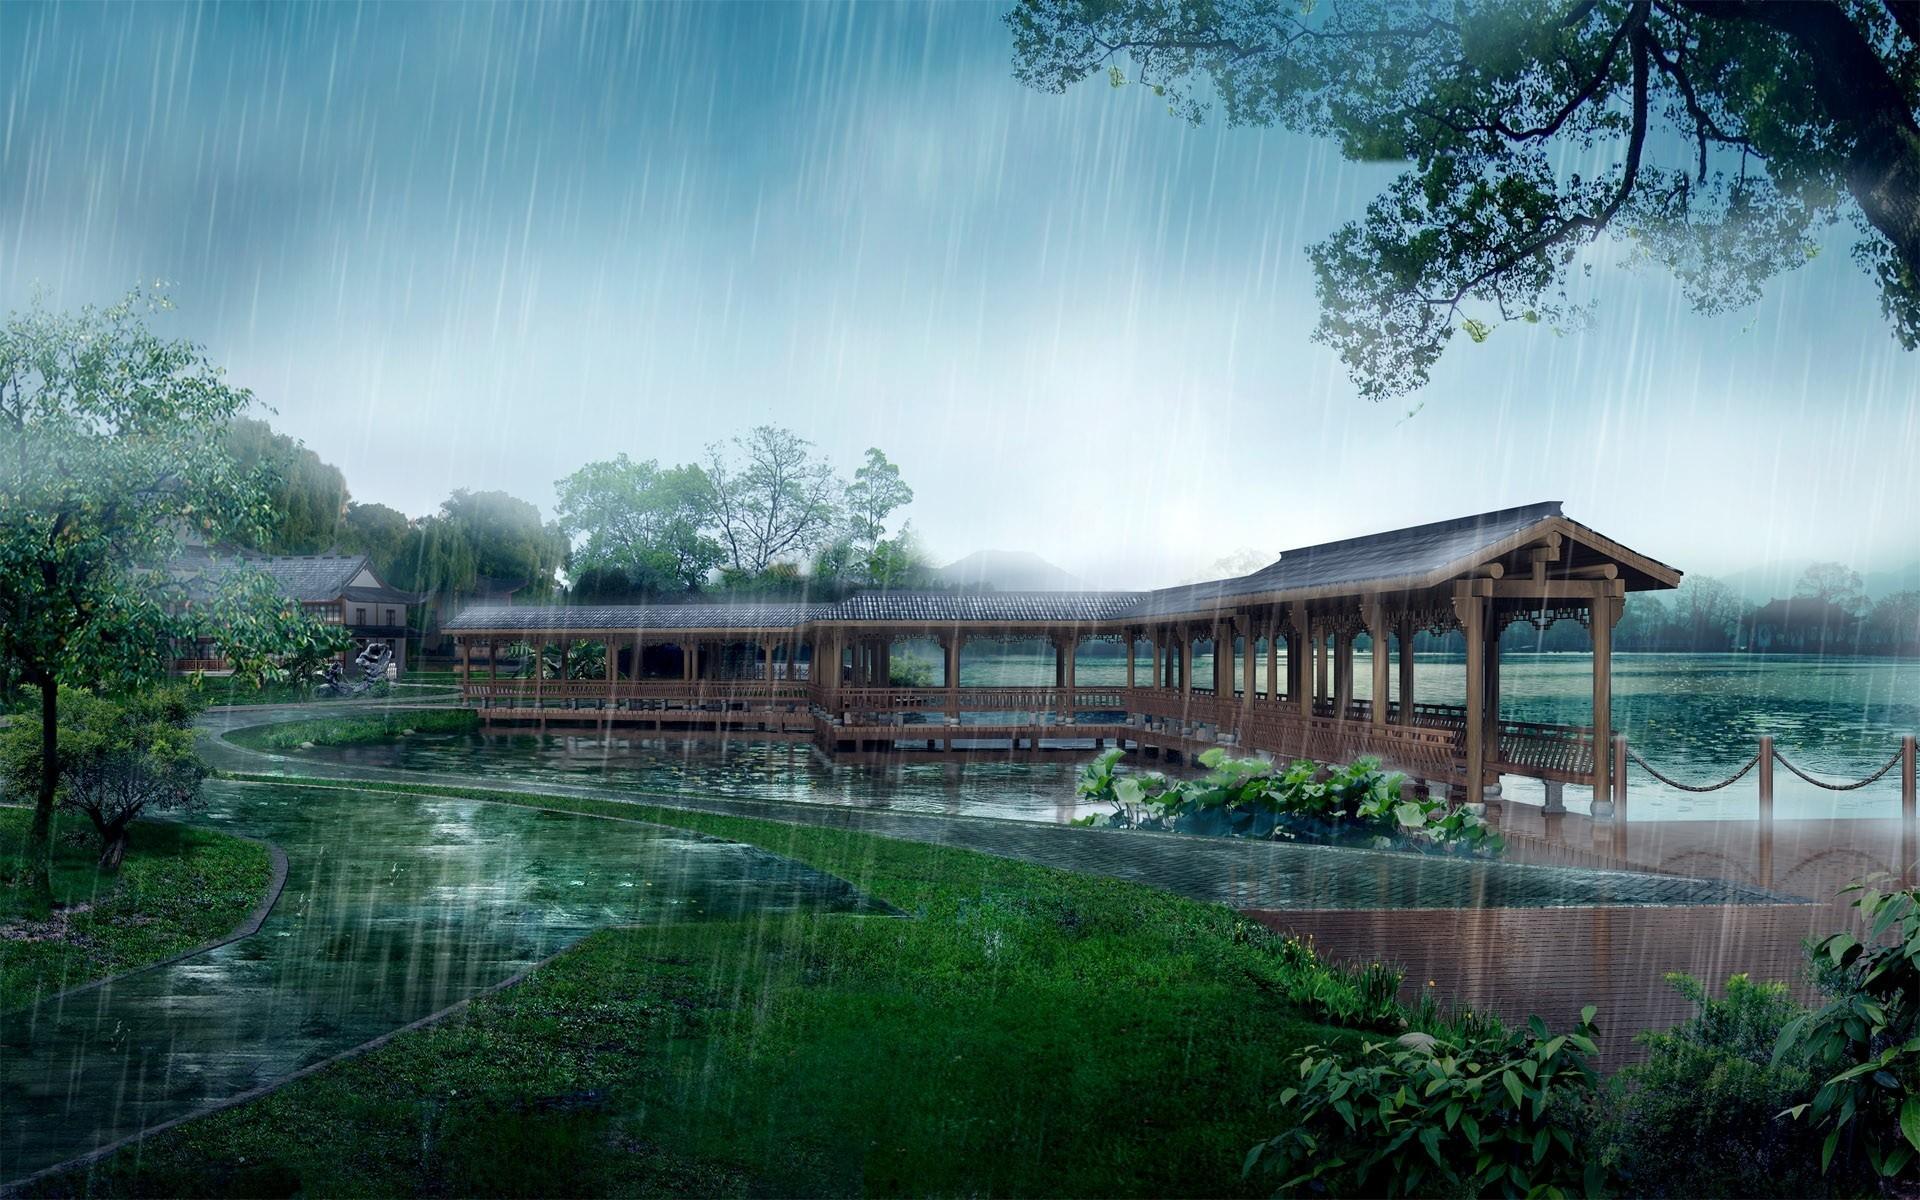 Rain Fall in Japan desktop wallpaper